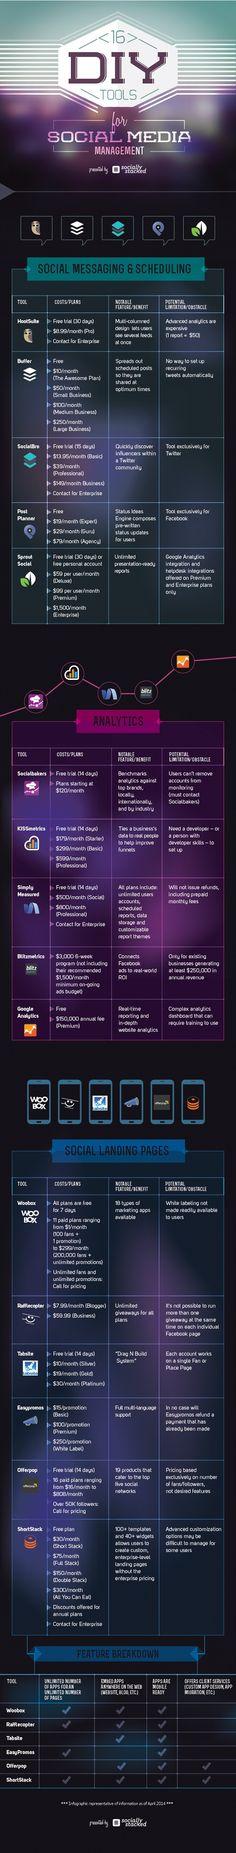 16 DIY social media tools